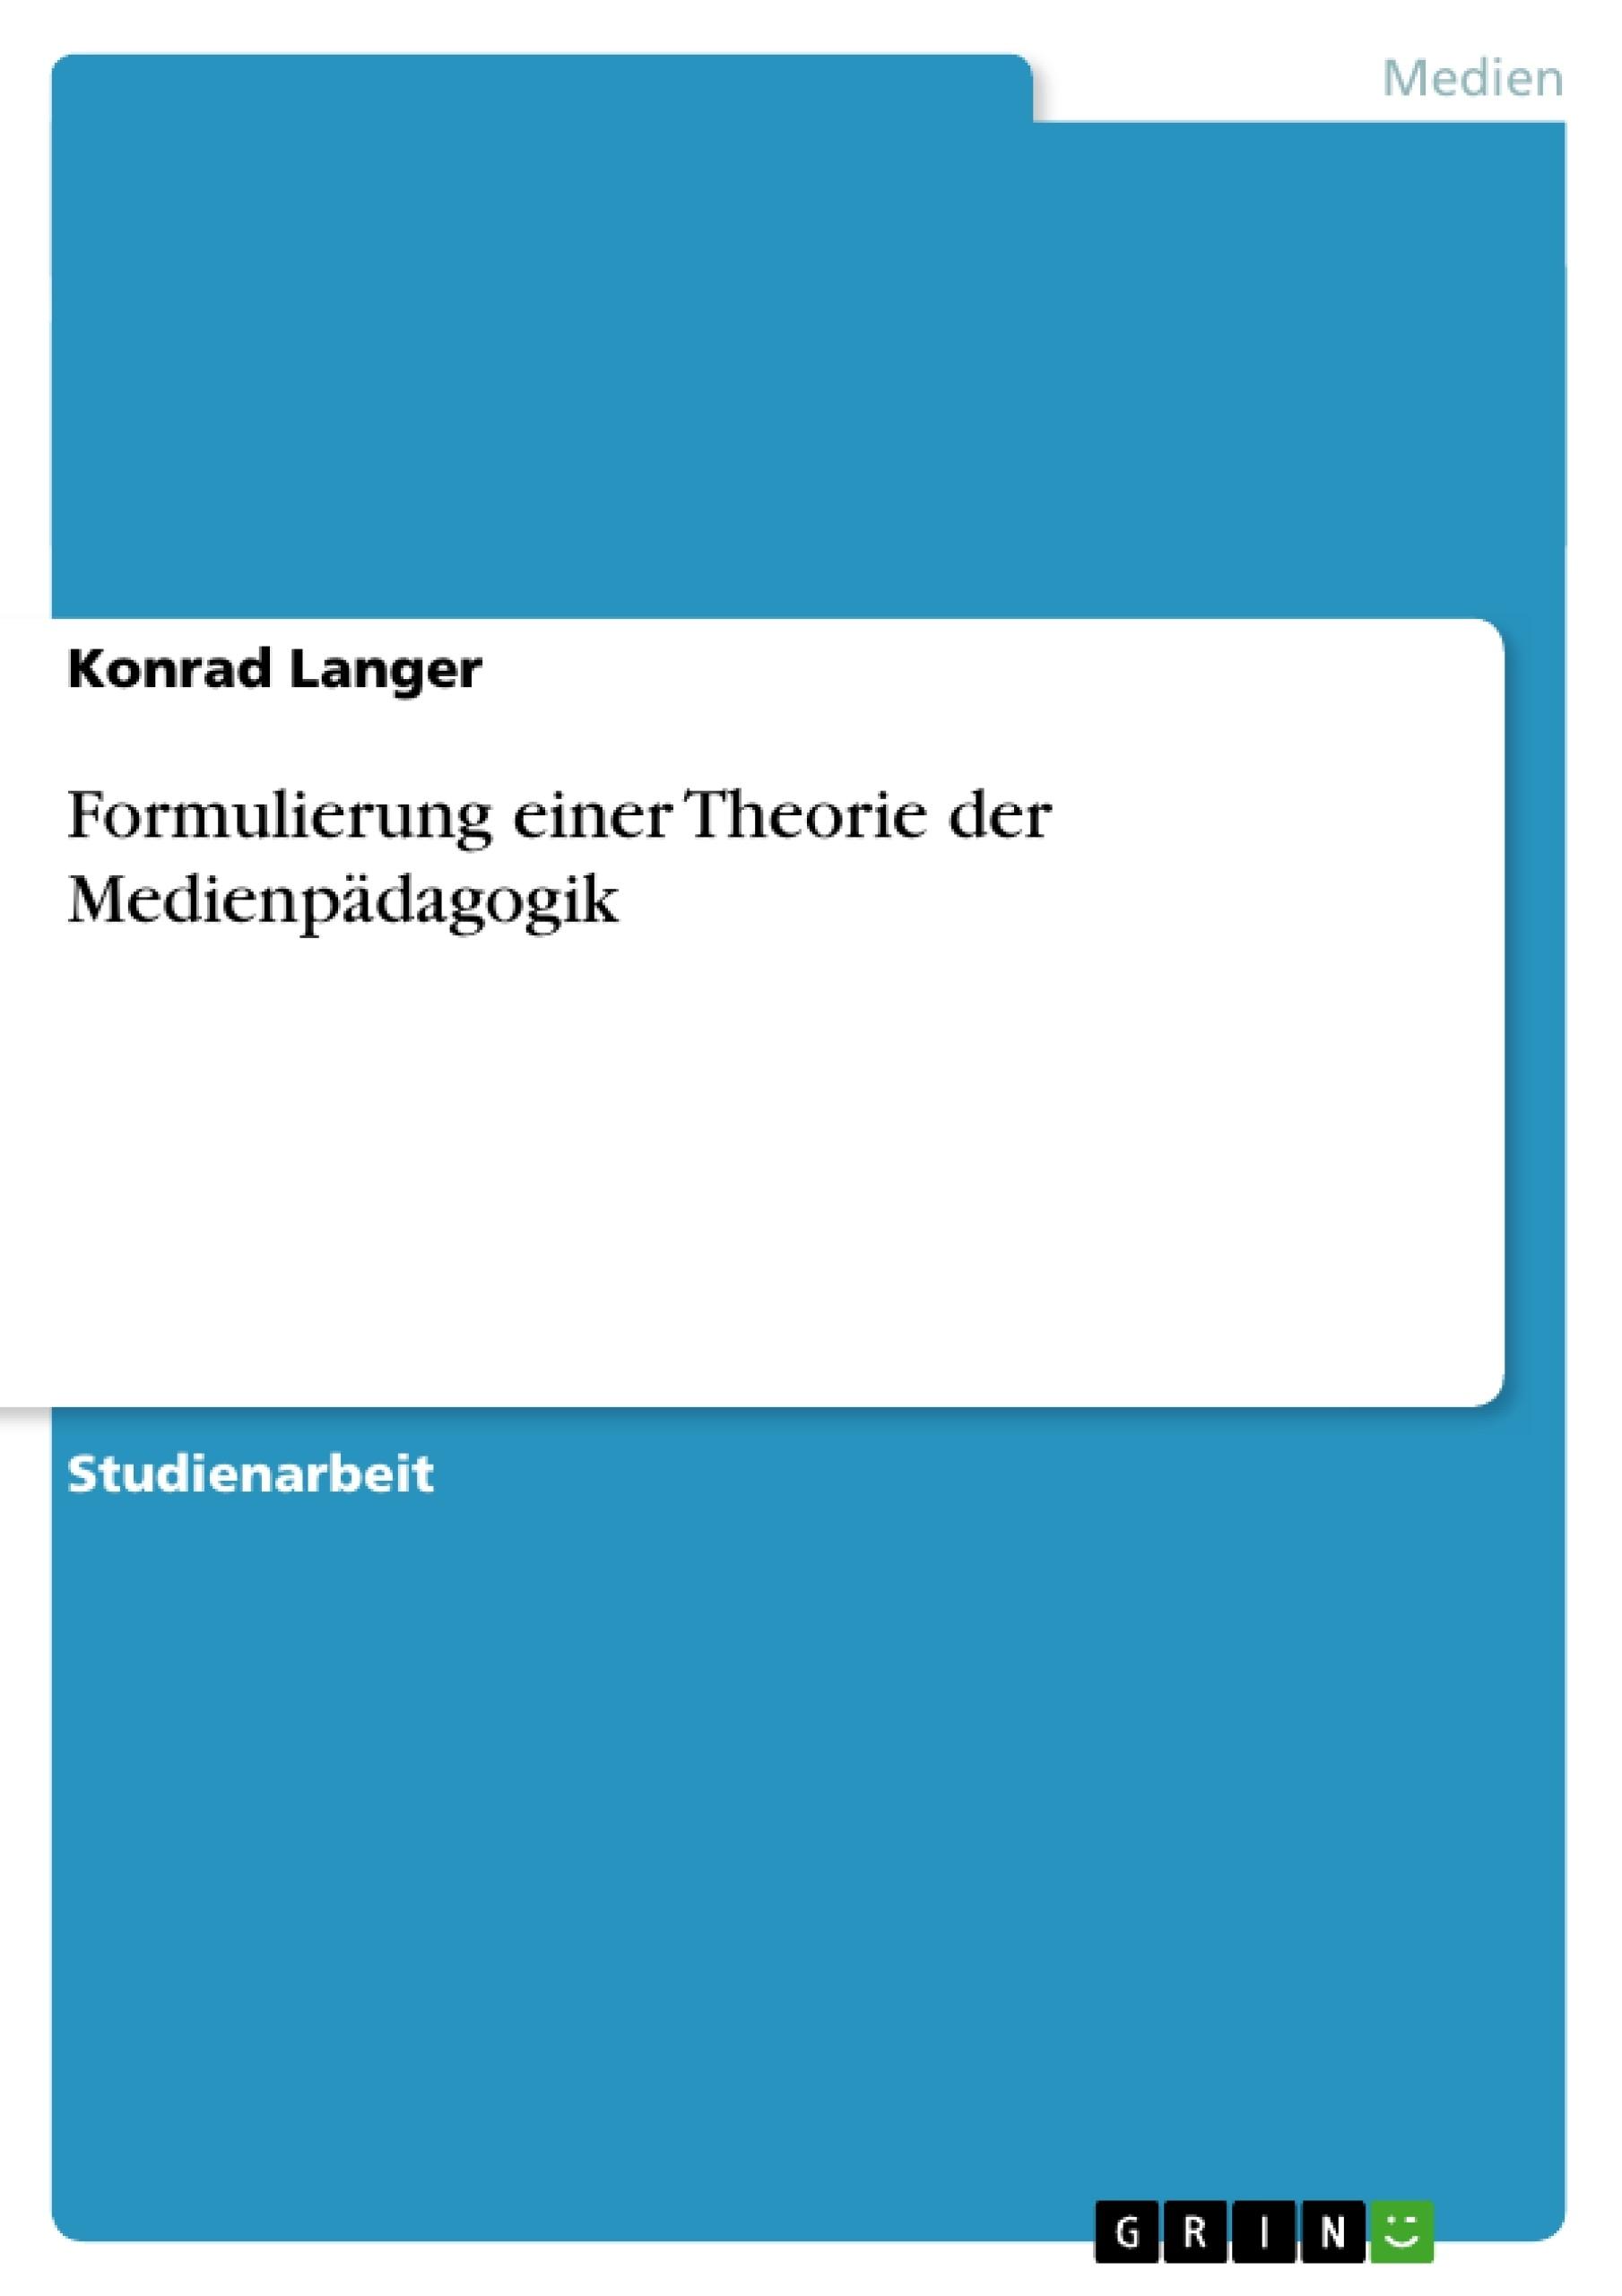 Titel: Formulierung einer Theorie der Medienpädagogik